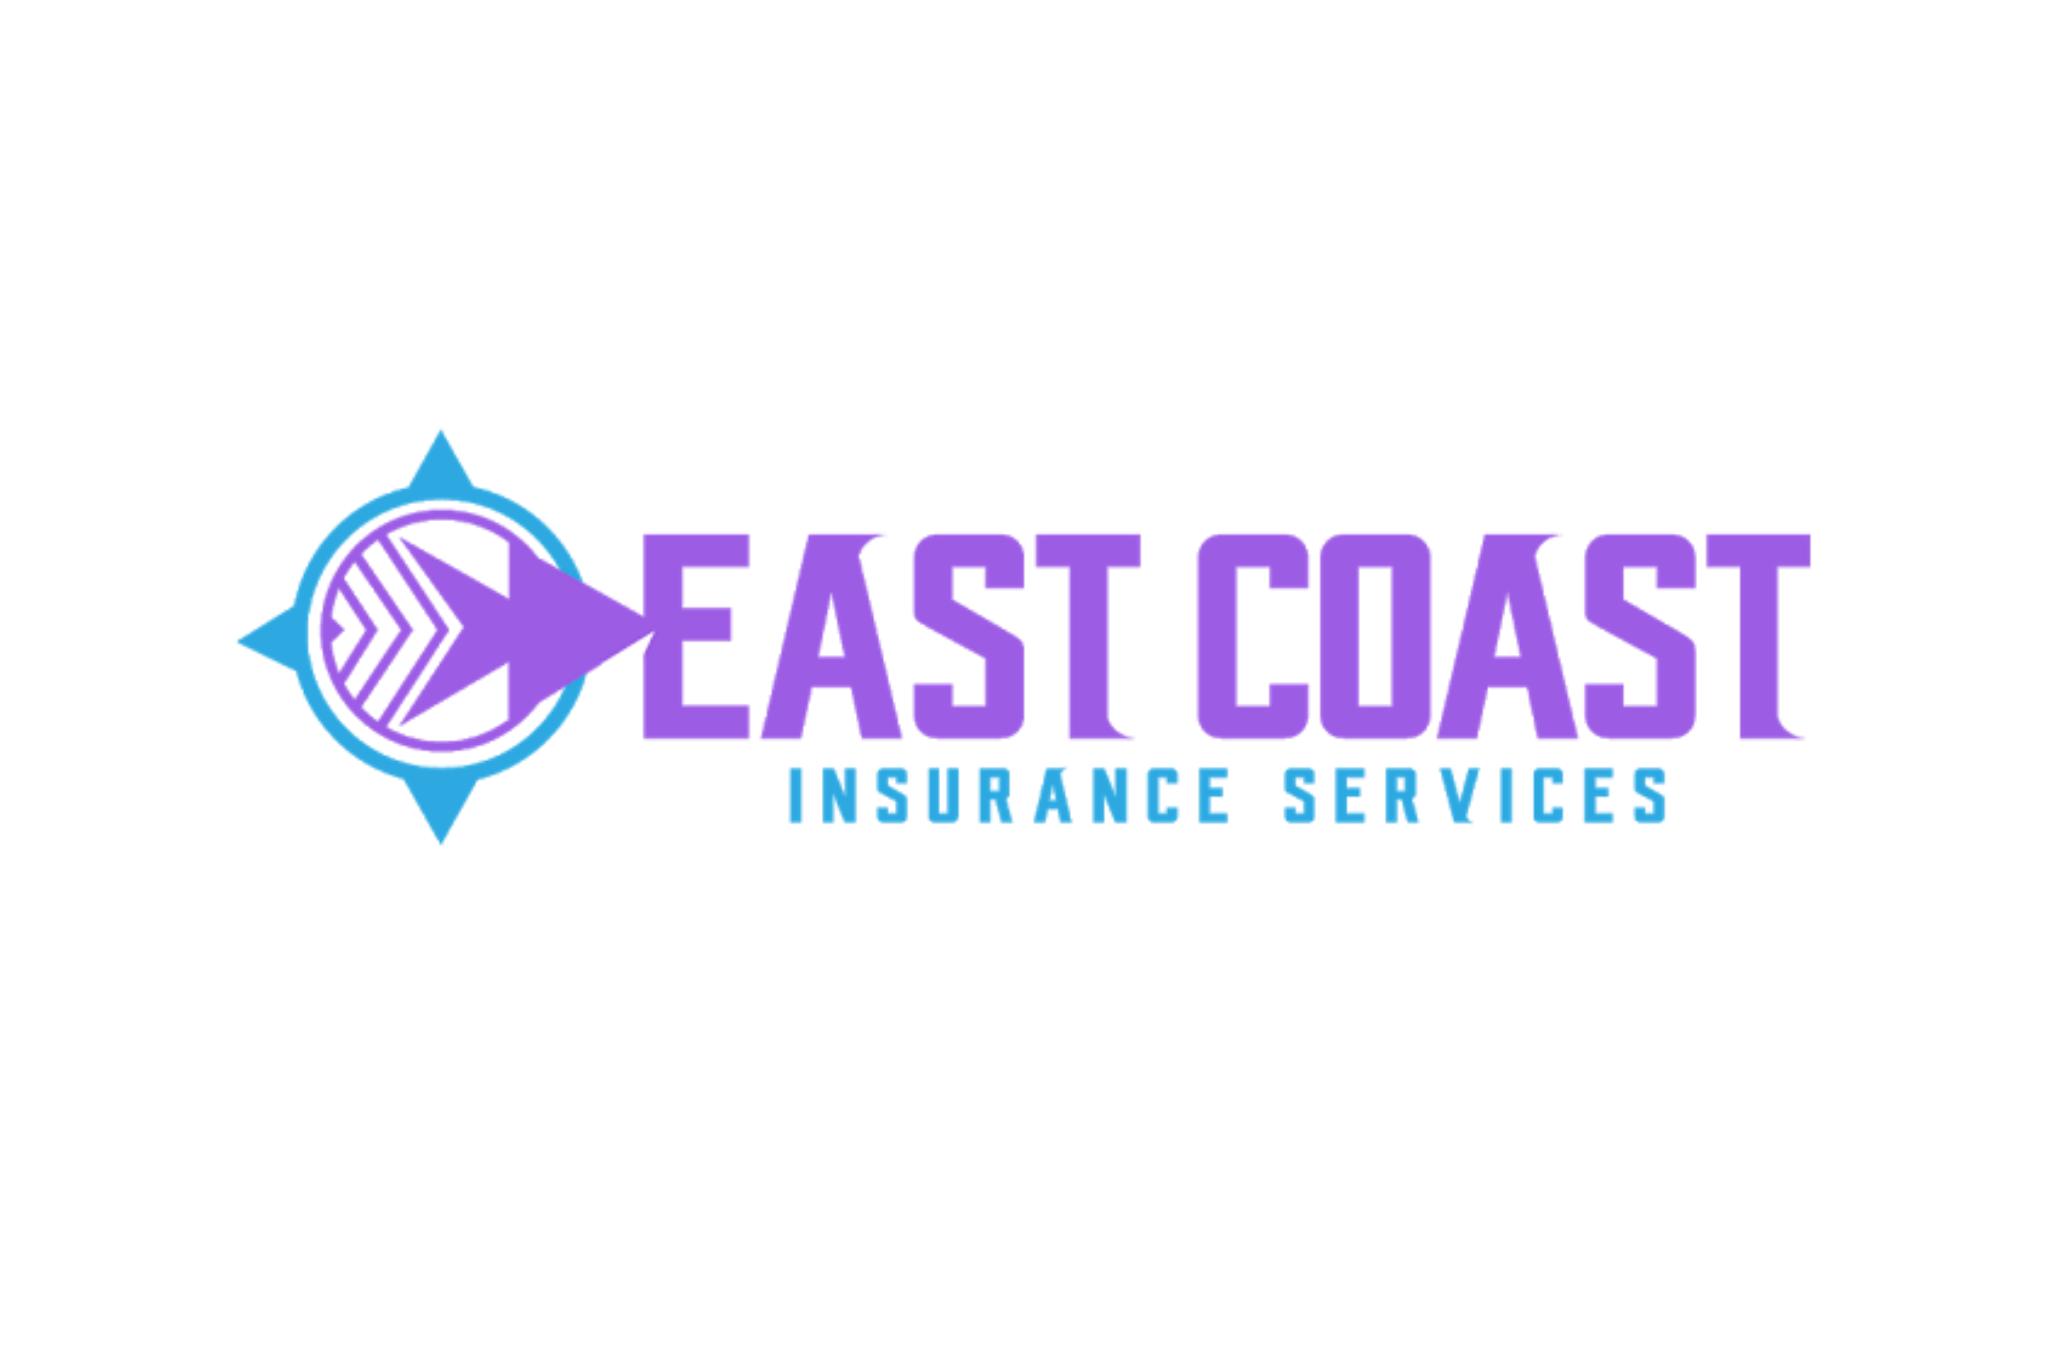 east (1)